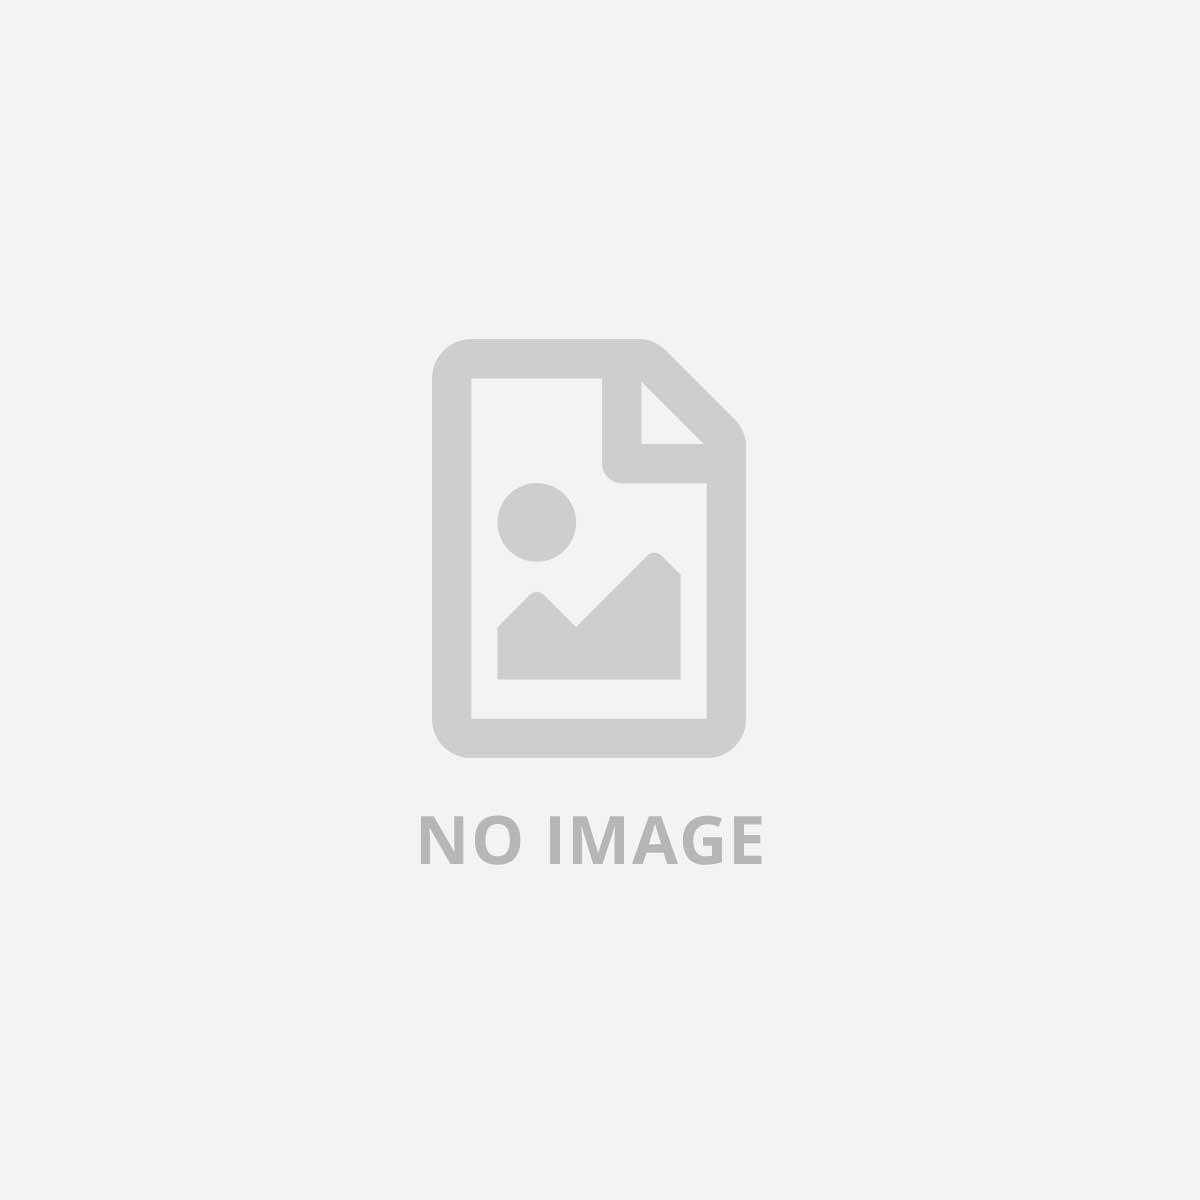 MELICONI TELECOMANDO CONTROL TV V2